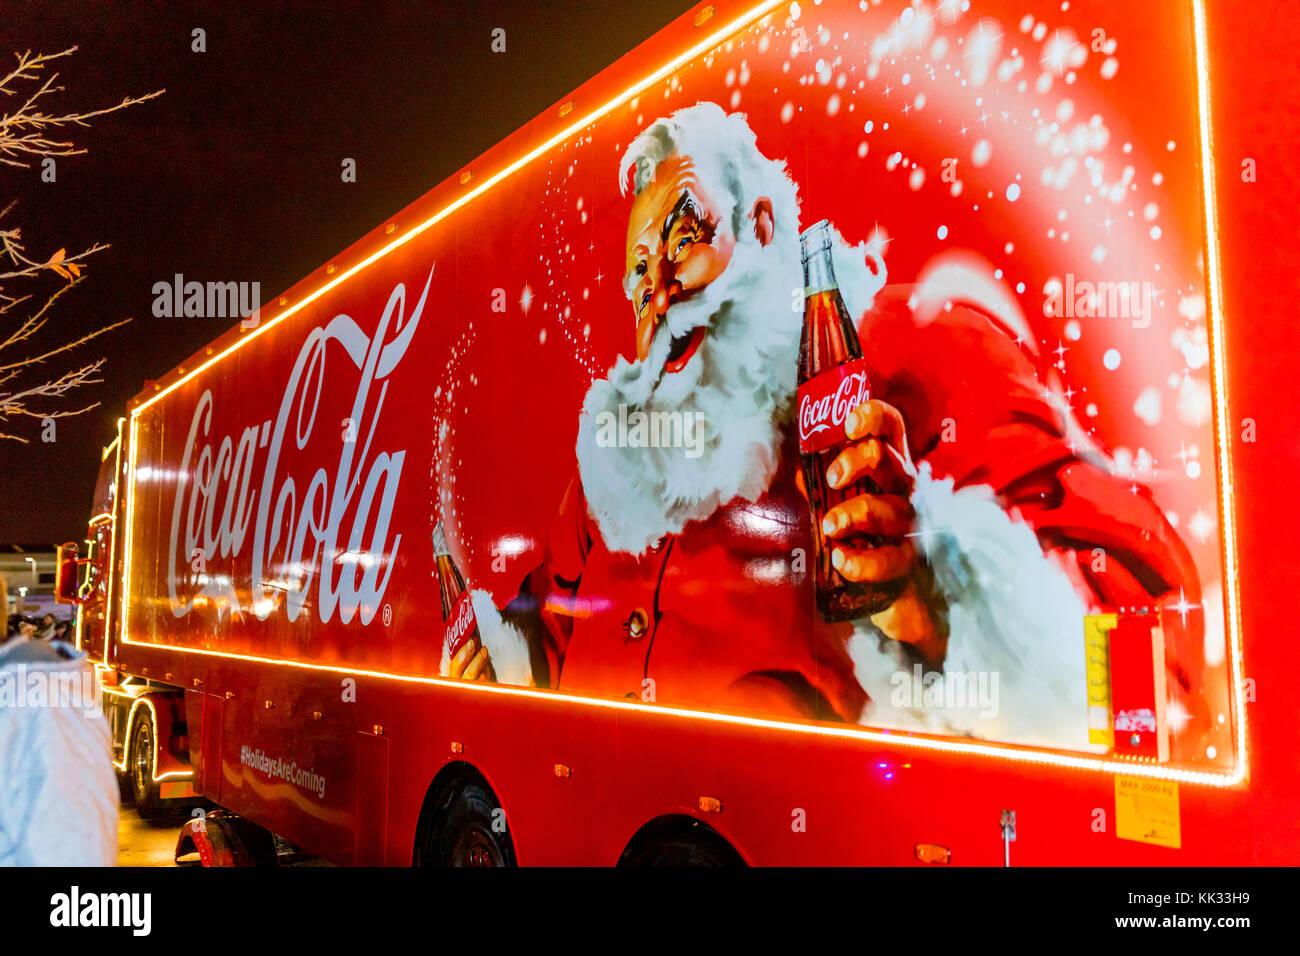 Coca Cola Babbo Natale.Natale Coca Cola Carrello A Notte Nel Regno Unito Tradizionale Raffigurante Santa Claus O Babbo Natale In Possesso Di Una Bottiglia Di Coca Cola Foto Stock Alamy